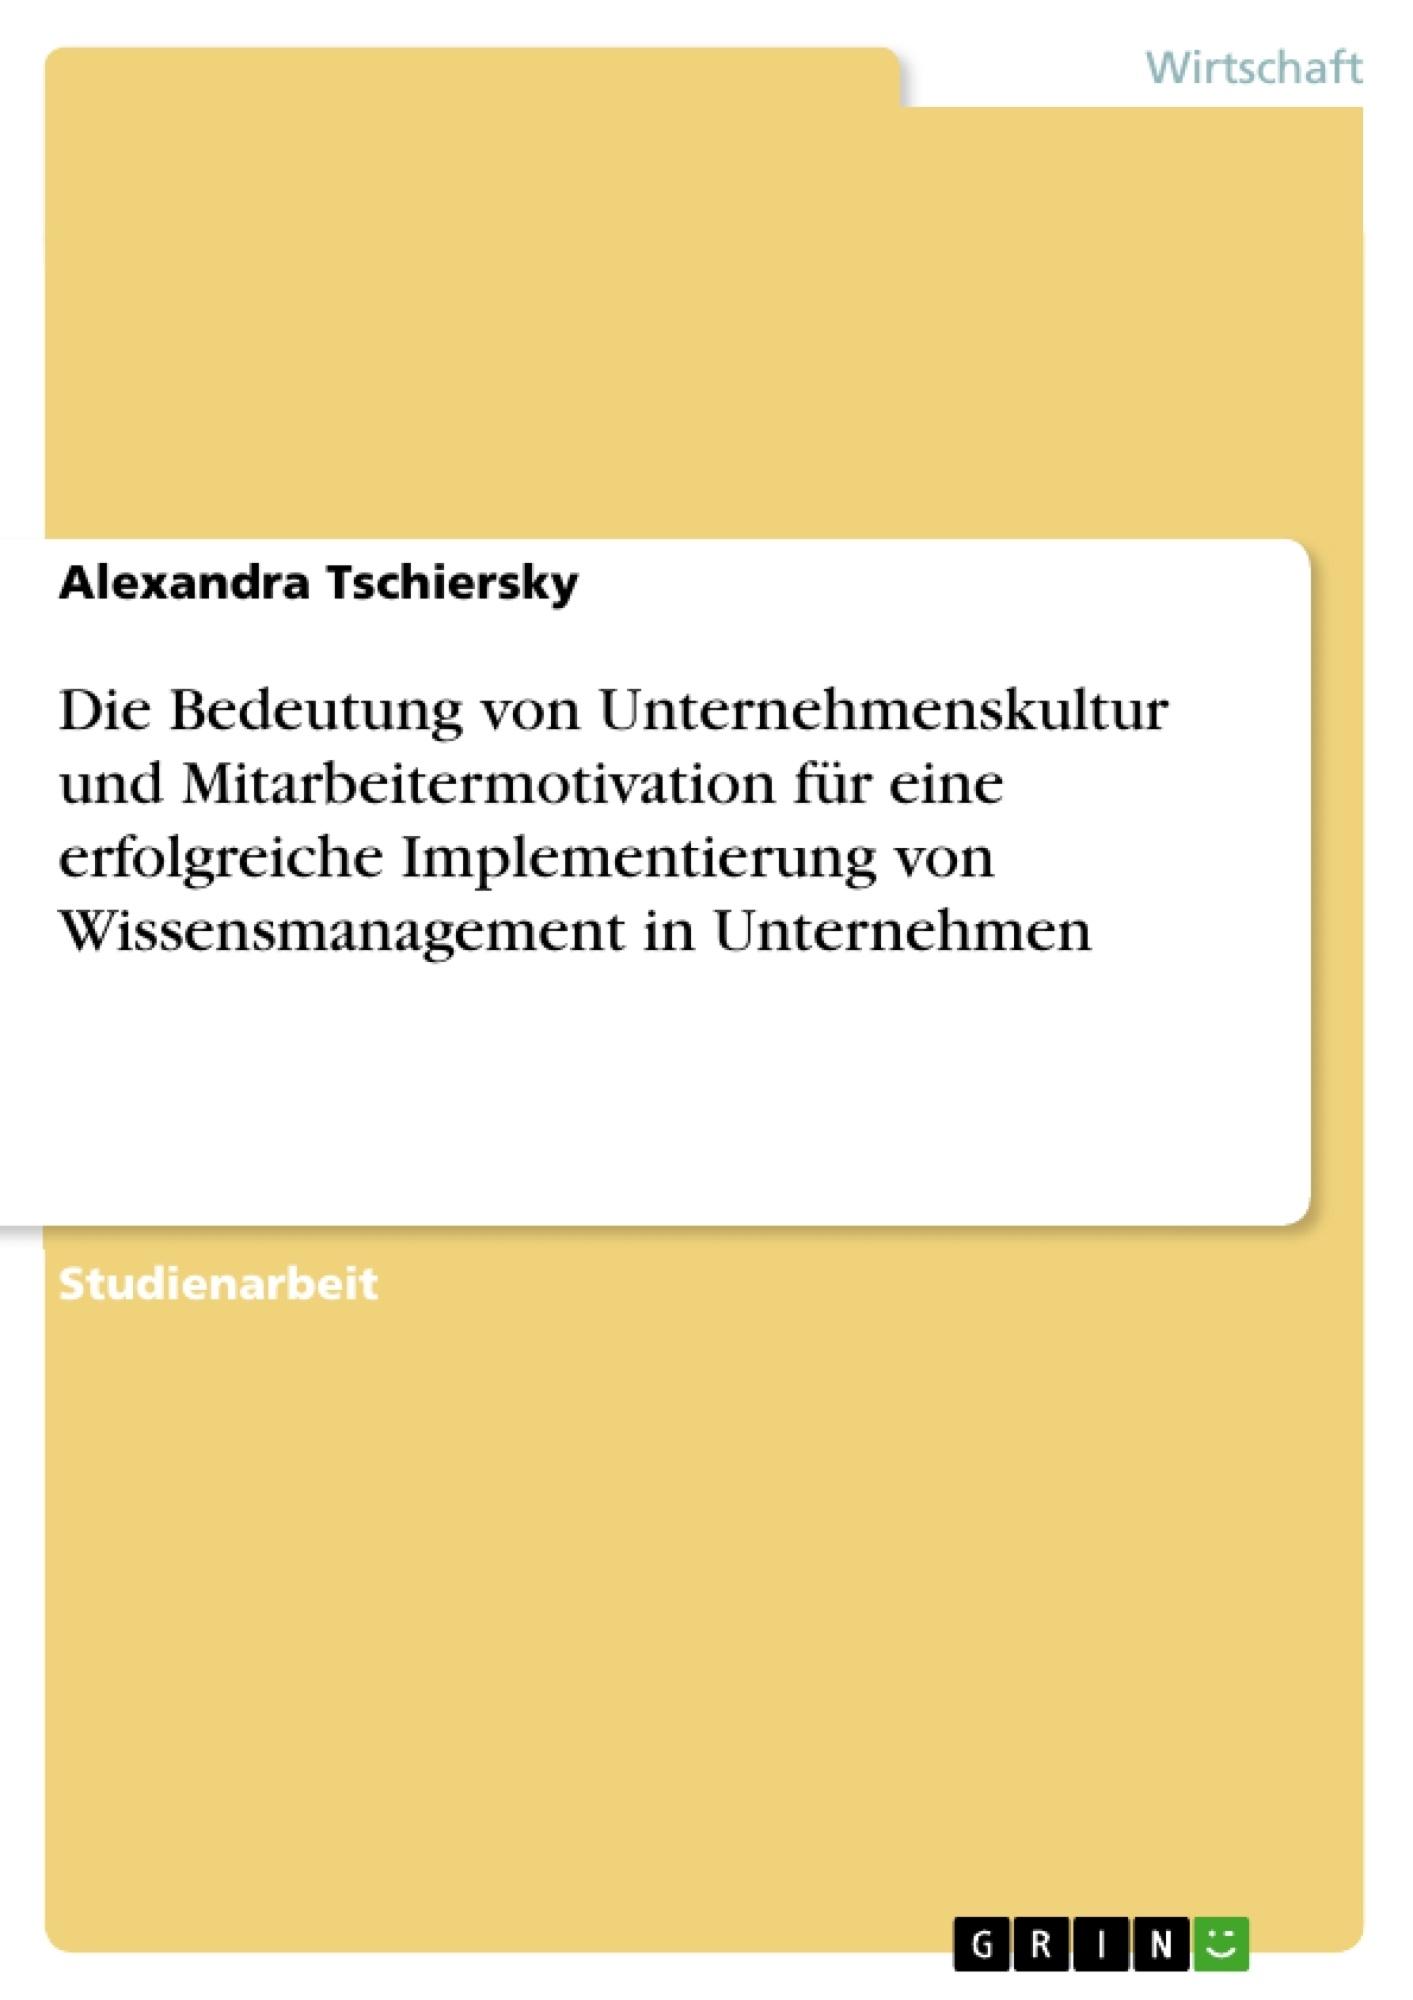 Titel: Die Bedeutung von Unternehmenskultur und Mitarbeitermotivation für eine erfolgreiche Implementierung von Wissensmanagement in Unternehmen